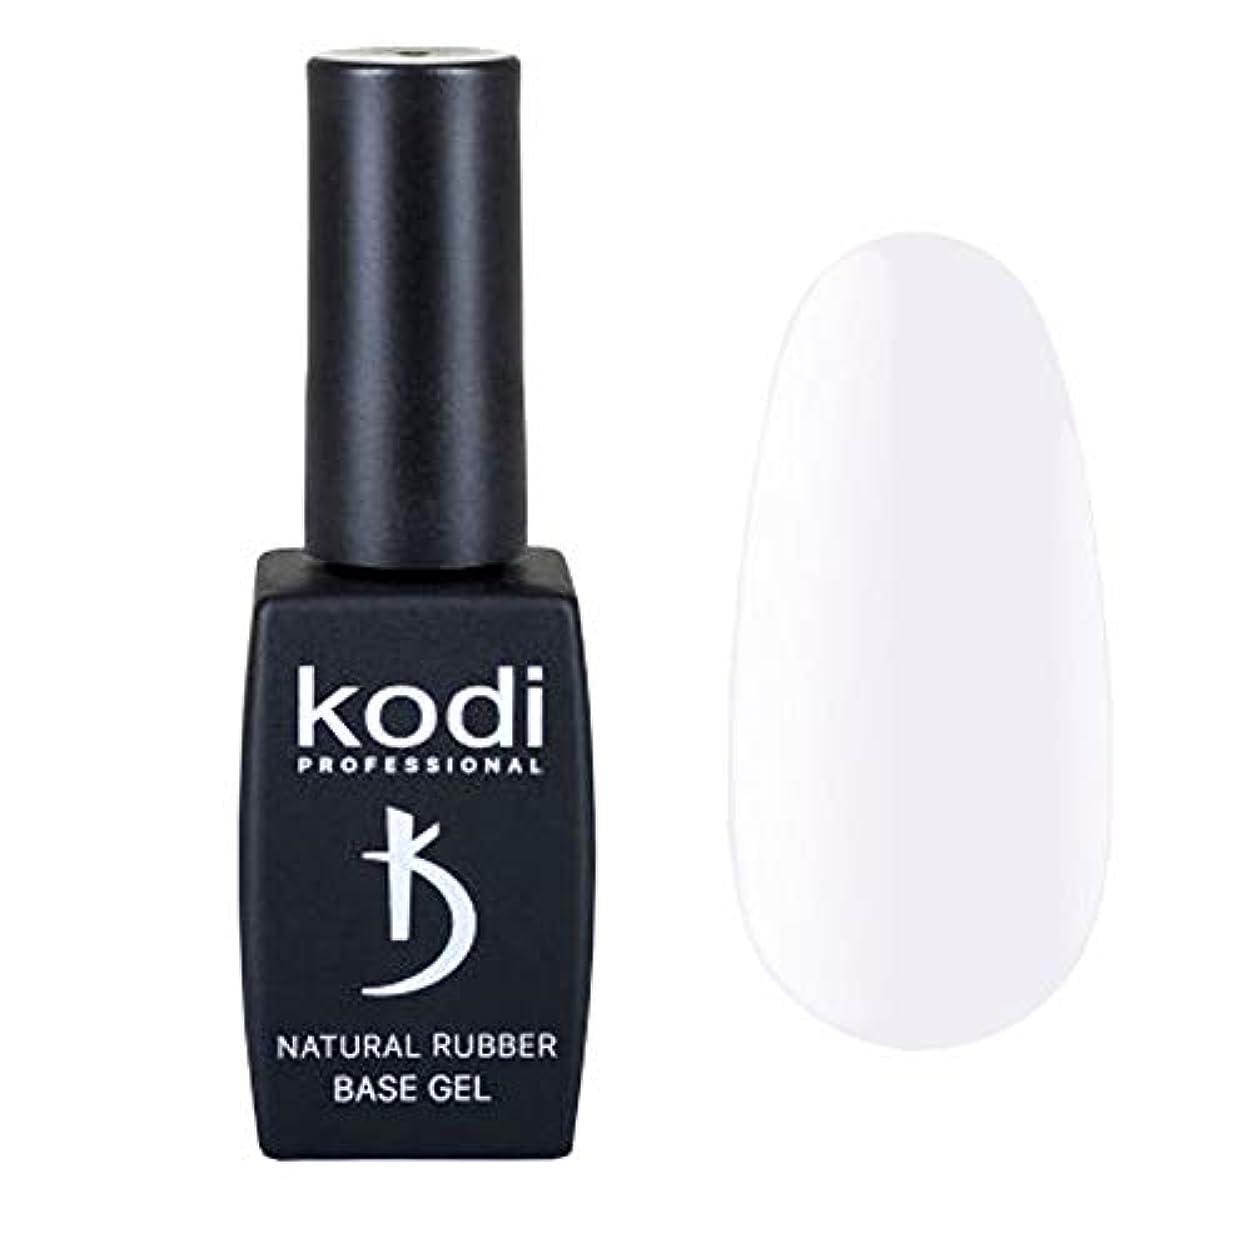 雄大なブラウス評論家Kodi Professional New Collection BW White #10 Color Gel Nail Polish 12ml 0.42 Fl Oz LED UV Genuine Soak Off